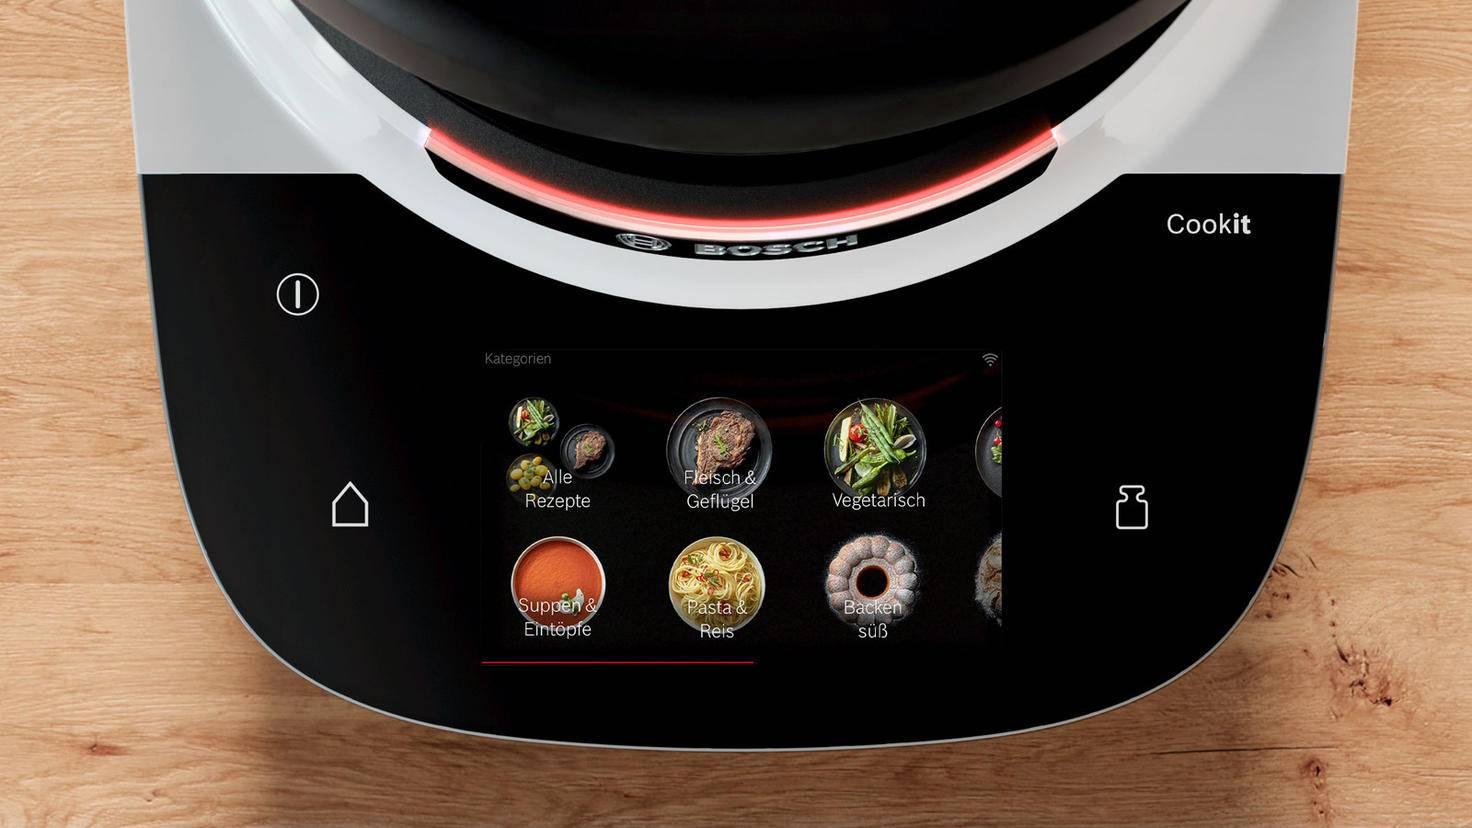 Bosch Cookit, le futur concurrent du Monsieur Cuisine Connect de Lidl